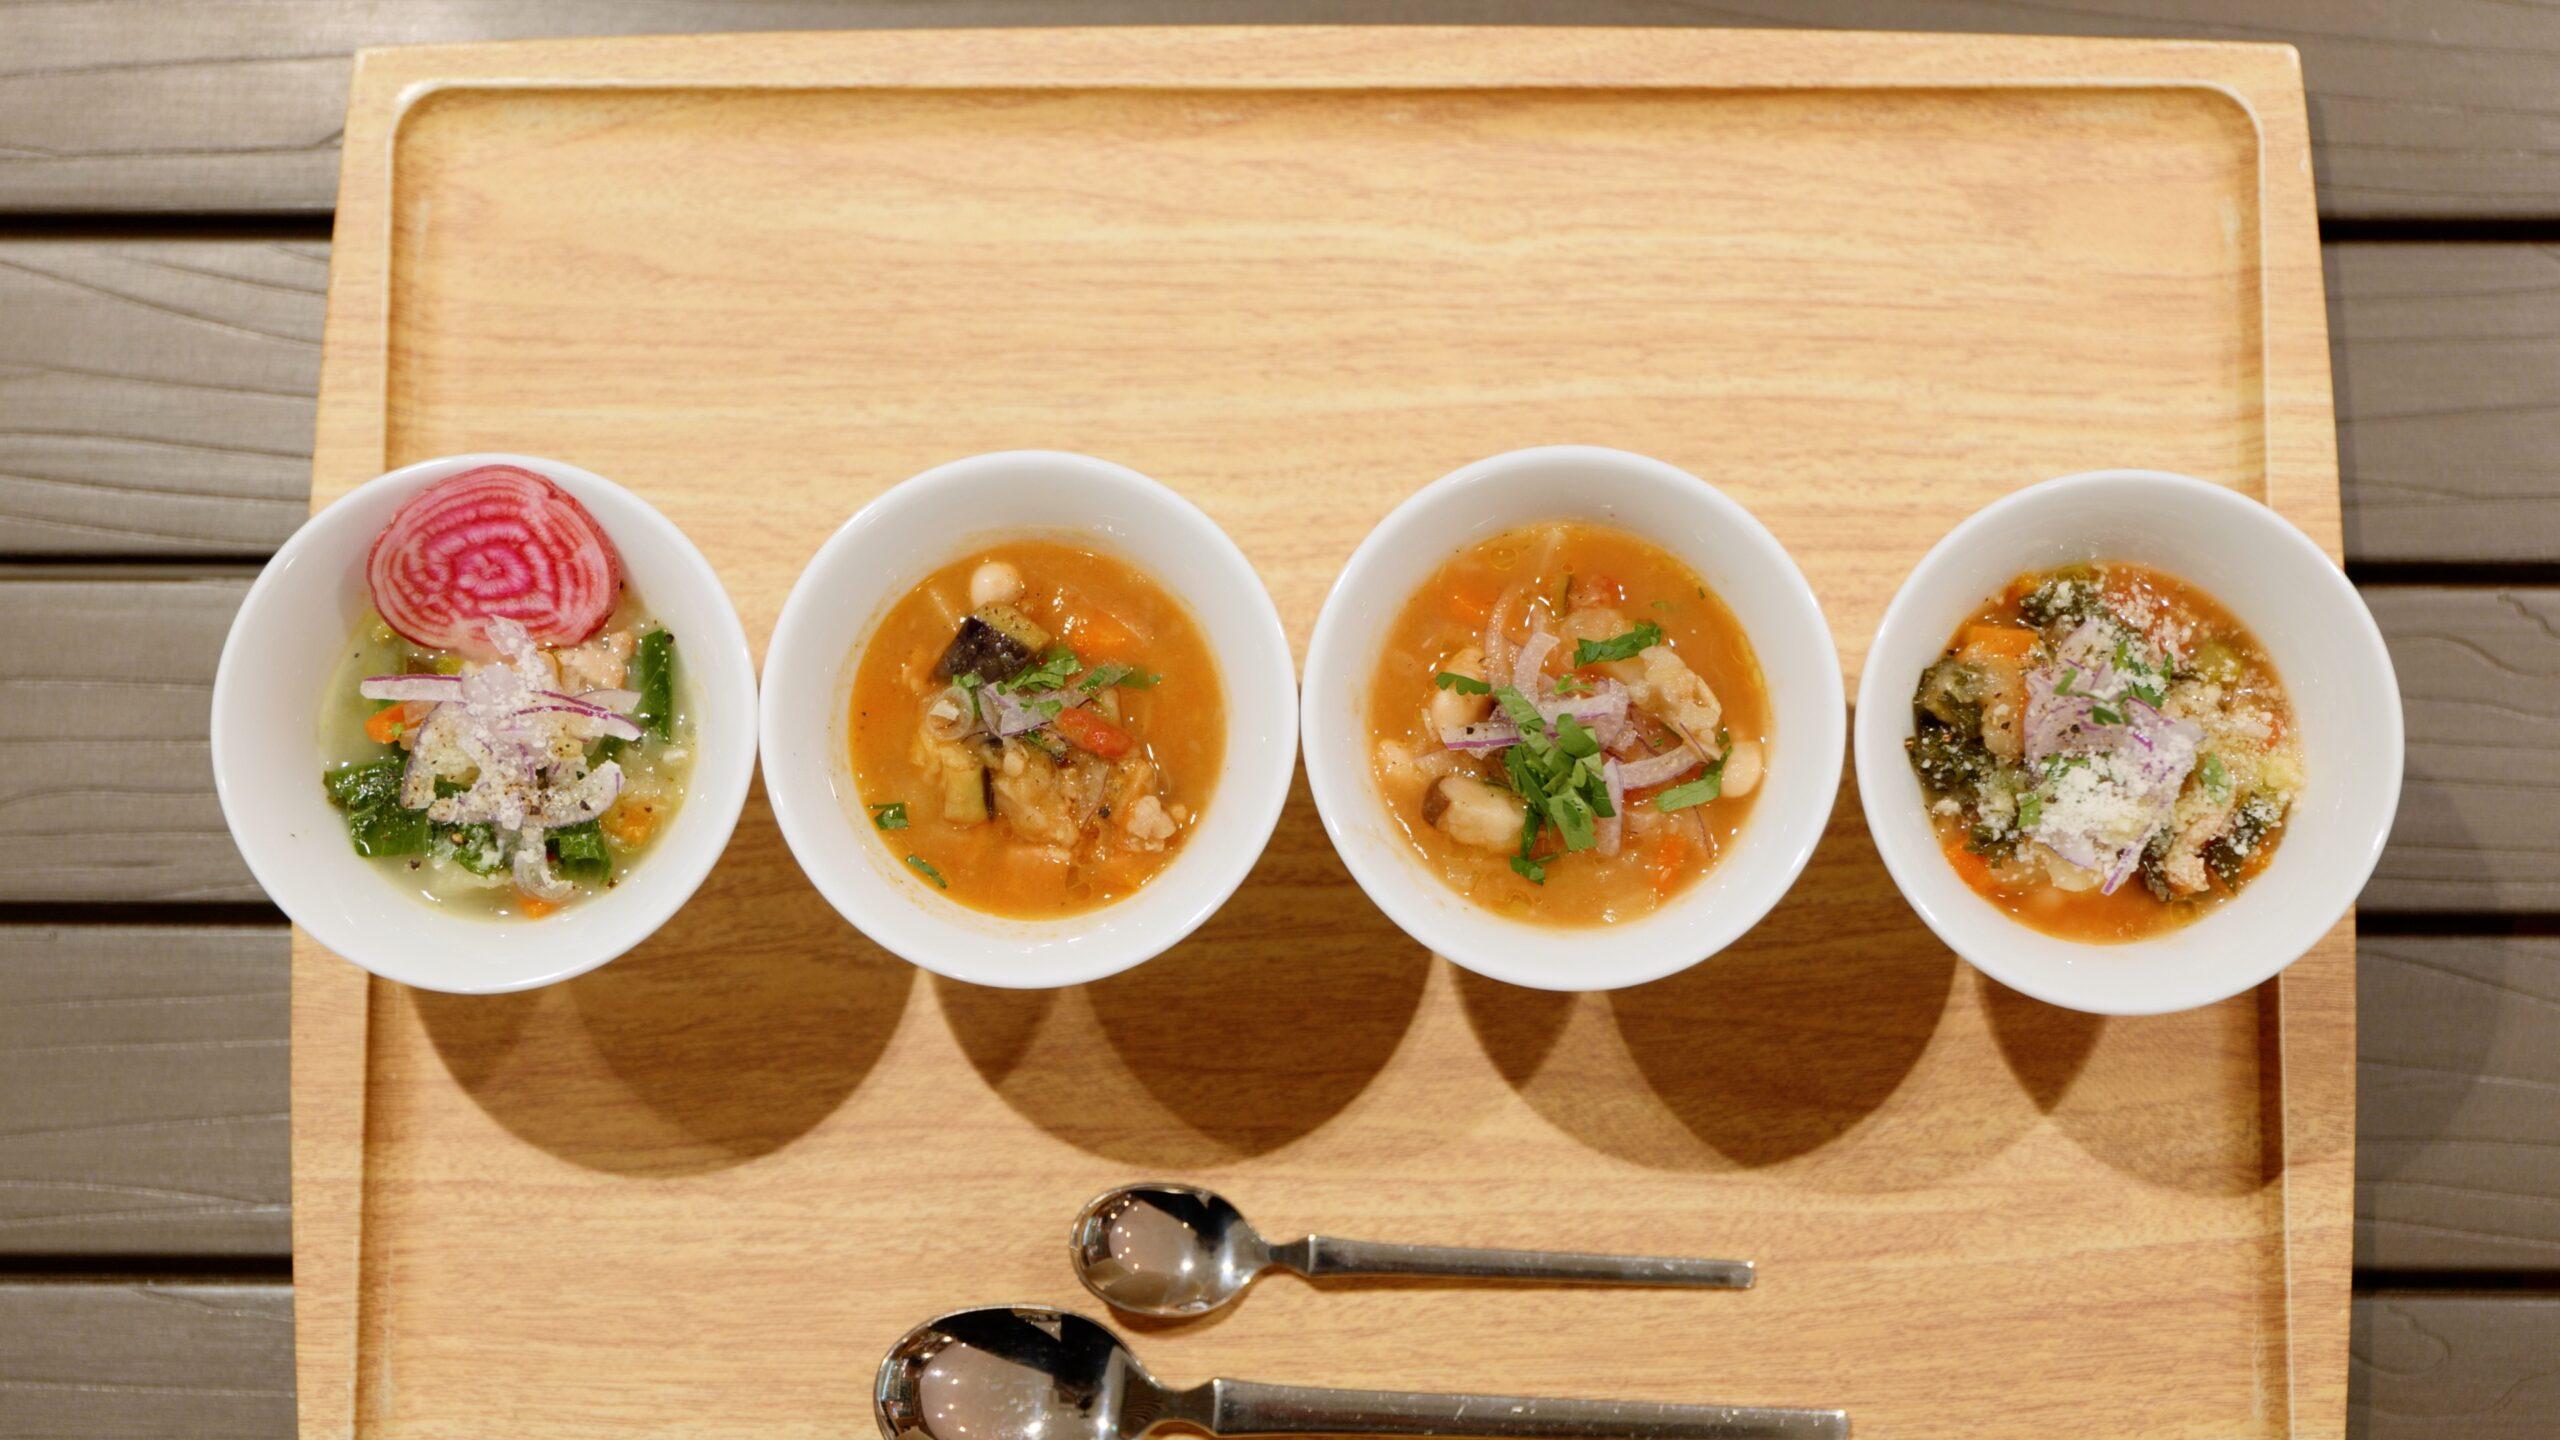 「規格外さいたまヨーロッパ野菜を使った、季節のミネストローネベース」(春・夏・秋・冬)の写真